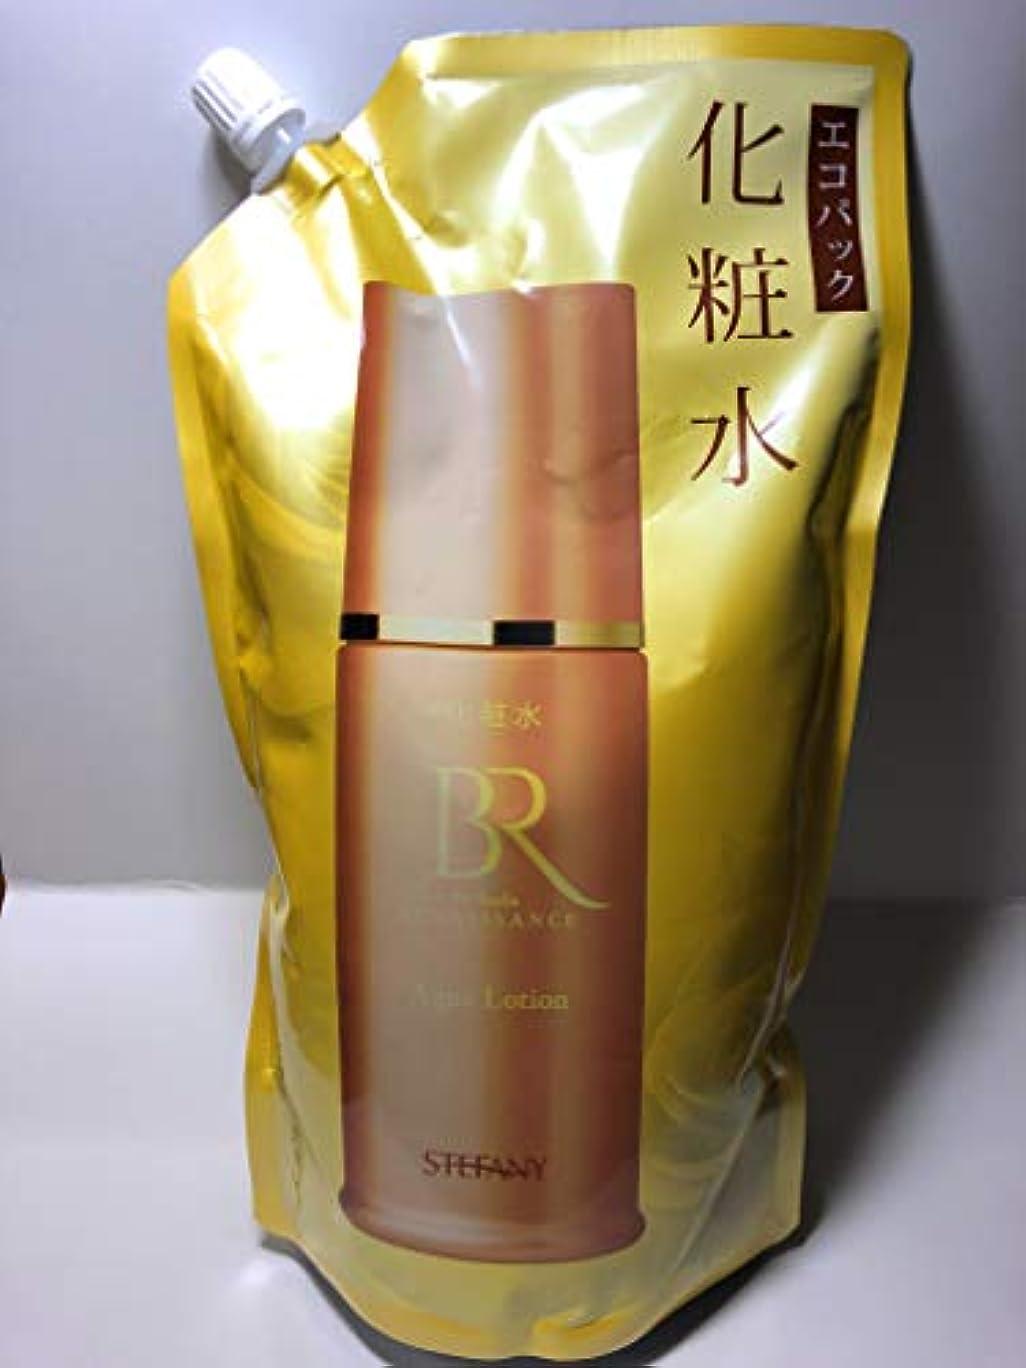 うるさいタワー六月ステファニー化粧品 美肌ルネッサンス アクアローション エコパック 732ml